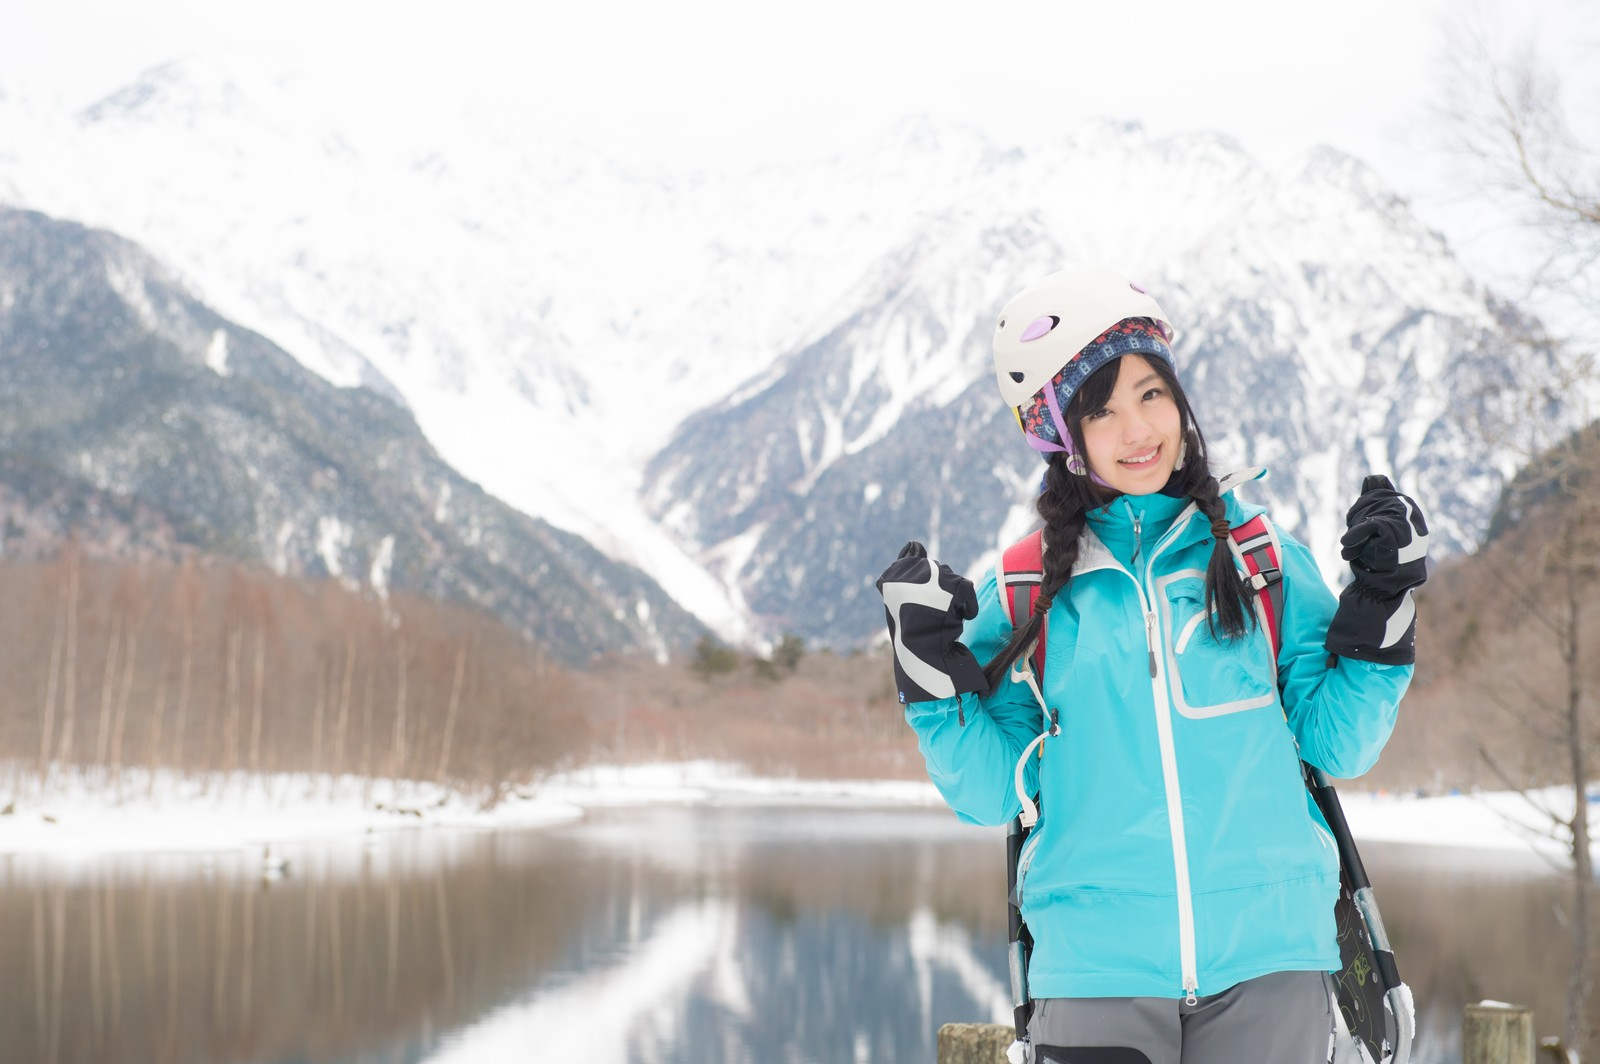 「冬の上高地を満喫するぞい!冬の上高地を満喫するぞい!」[モデル:河村友歌]のフリー写真素材を拡大